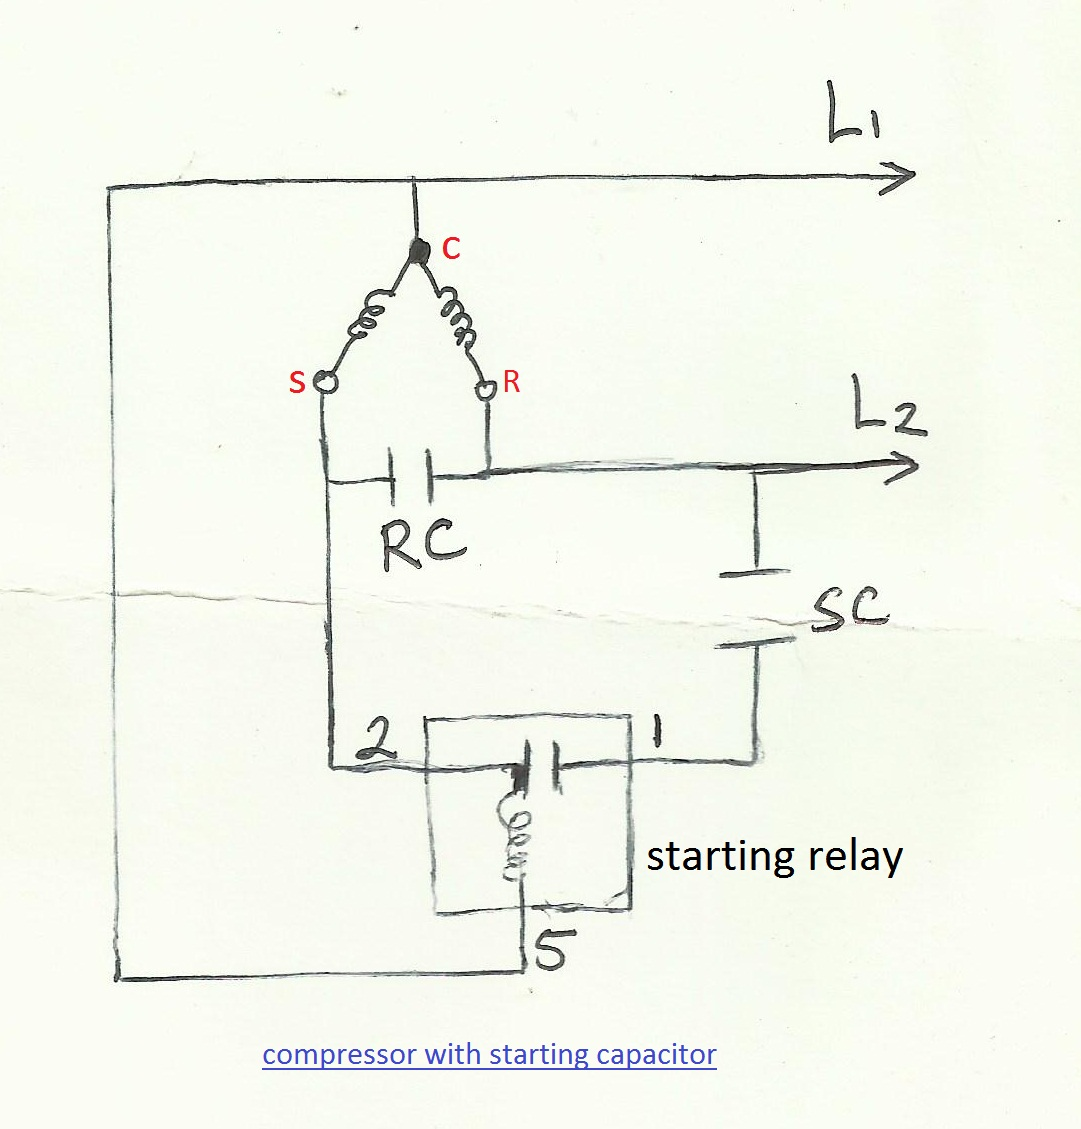 refrigeration refrigeration wiring diagram rh refrigerationazaiji blogspot com refrigerator compressor parts refrigerator schematic diagram [ 1081 x 1129 Pixel ]